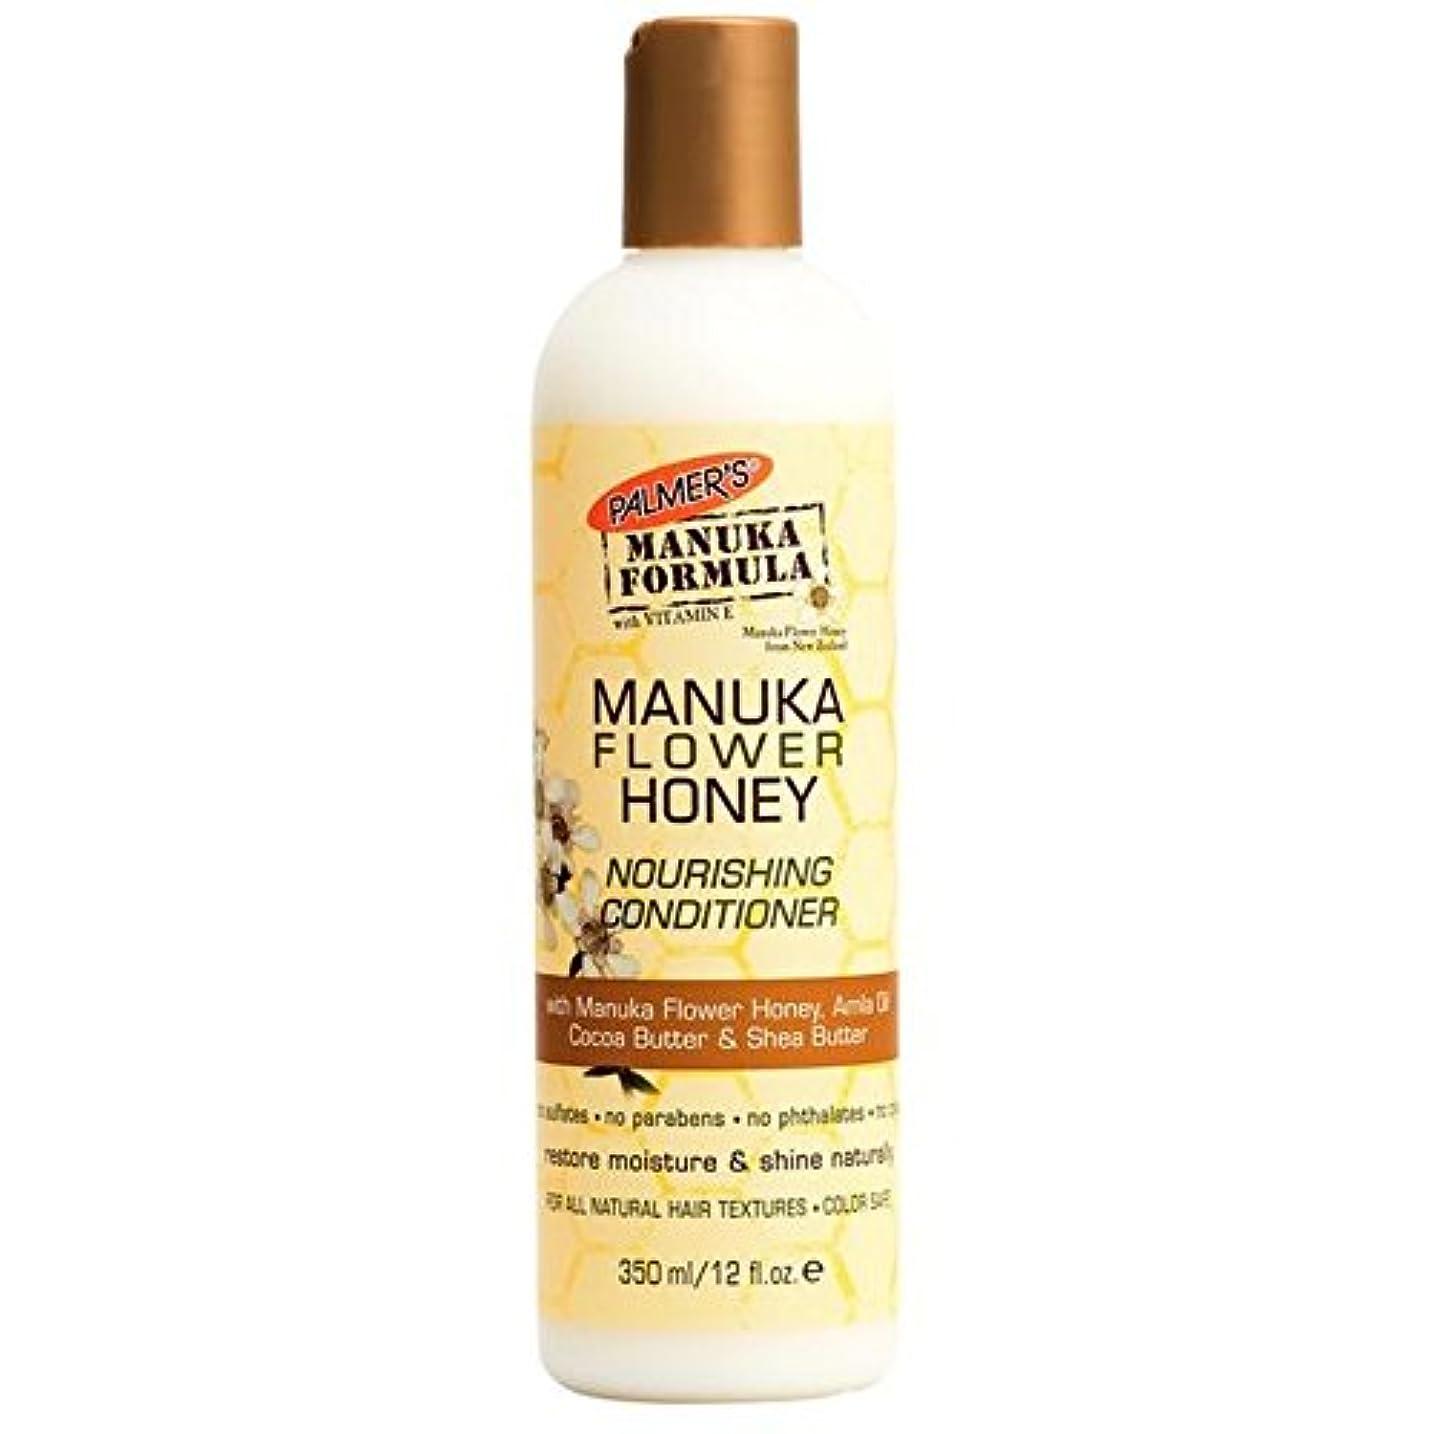 無効にするに向けて出発橋Palmer's Manuka Formula Manuka Flower Honey Nourishing Conditioner 250ml (Pack of 6) - パーマーのマヌカ式マヌカハニー栄養コンディショナー250 x6 [並行輸入品]